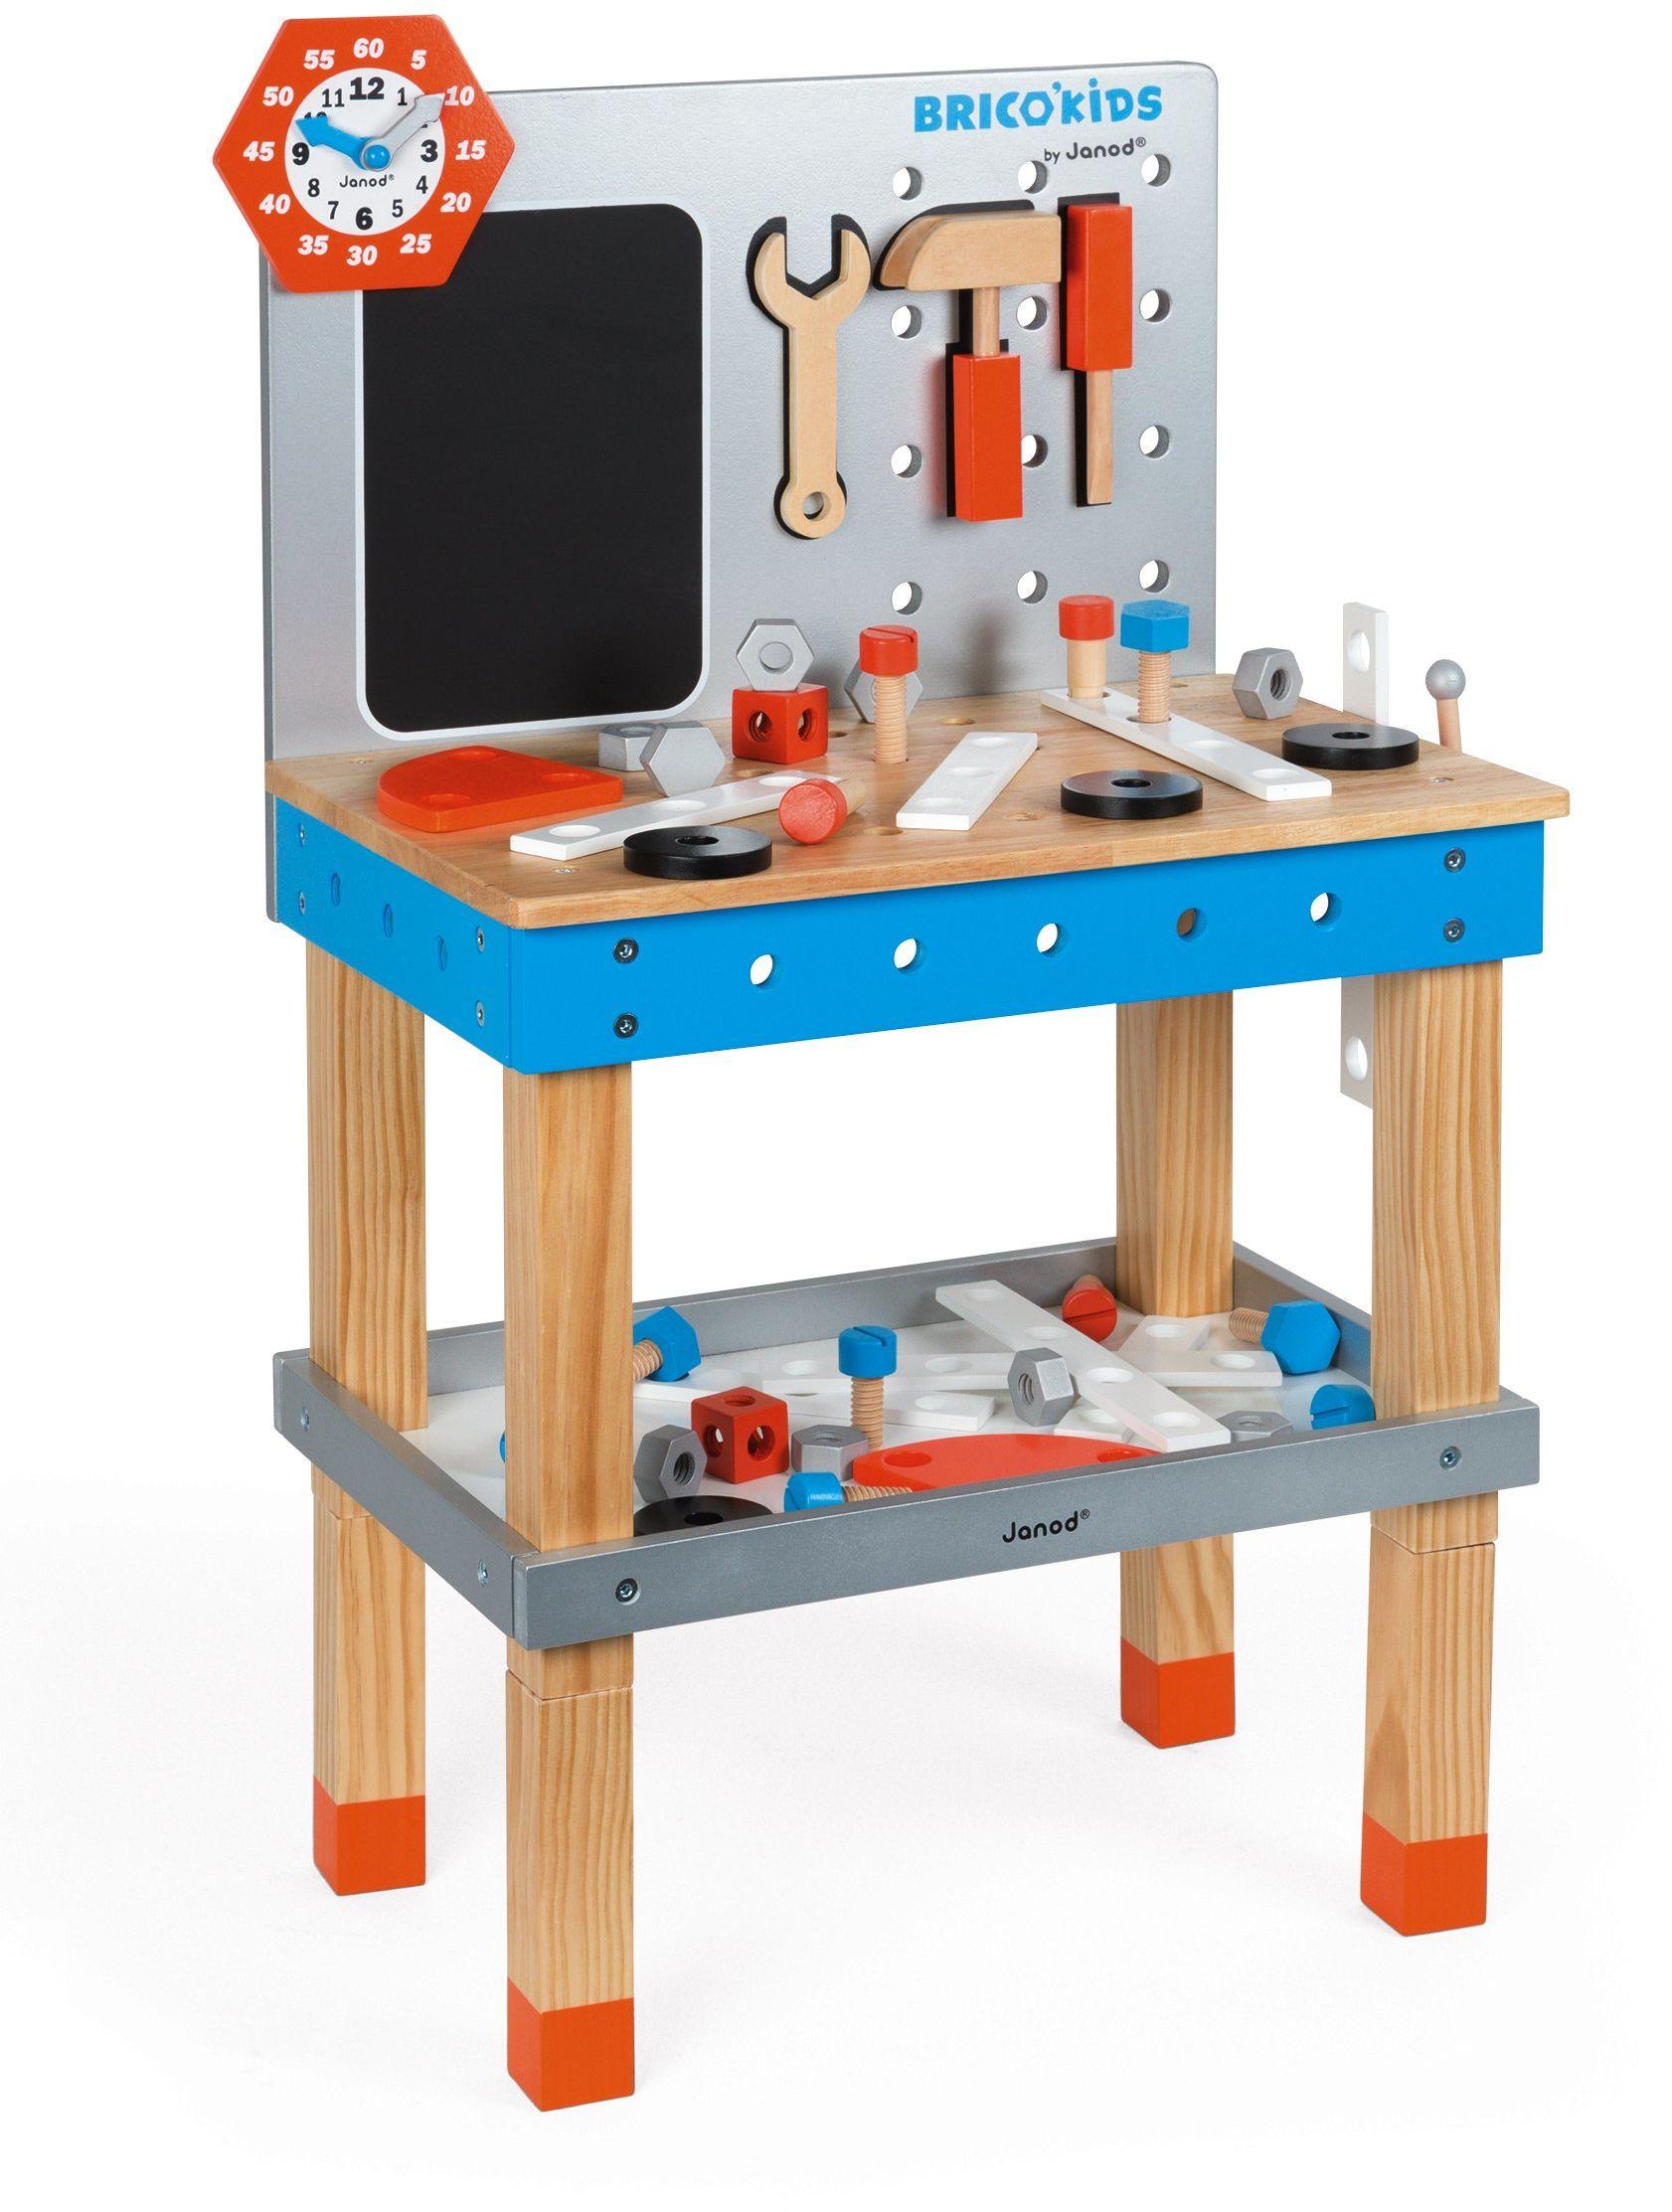 Janod J06477 Brico Kids Diy Giant Magnetic Workbench Brico''Kids stół warsztatowy, duży, wielokolorowy